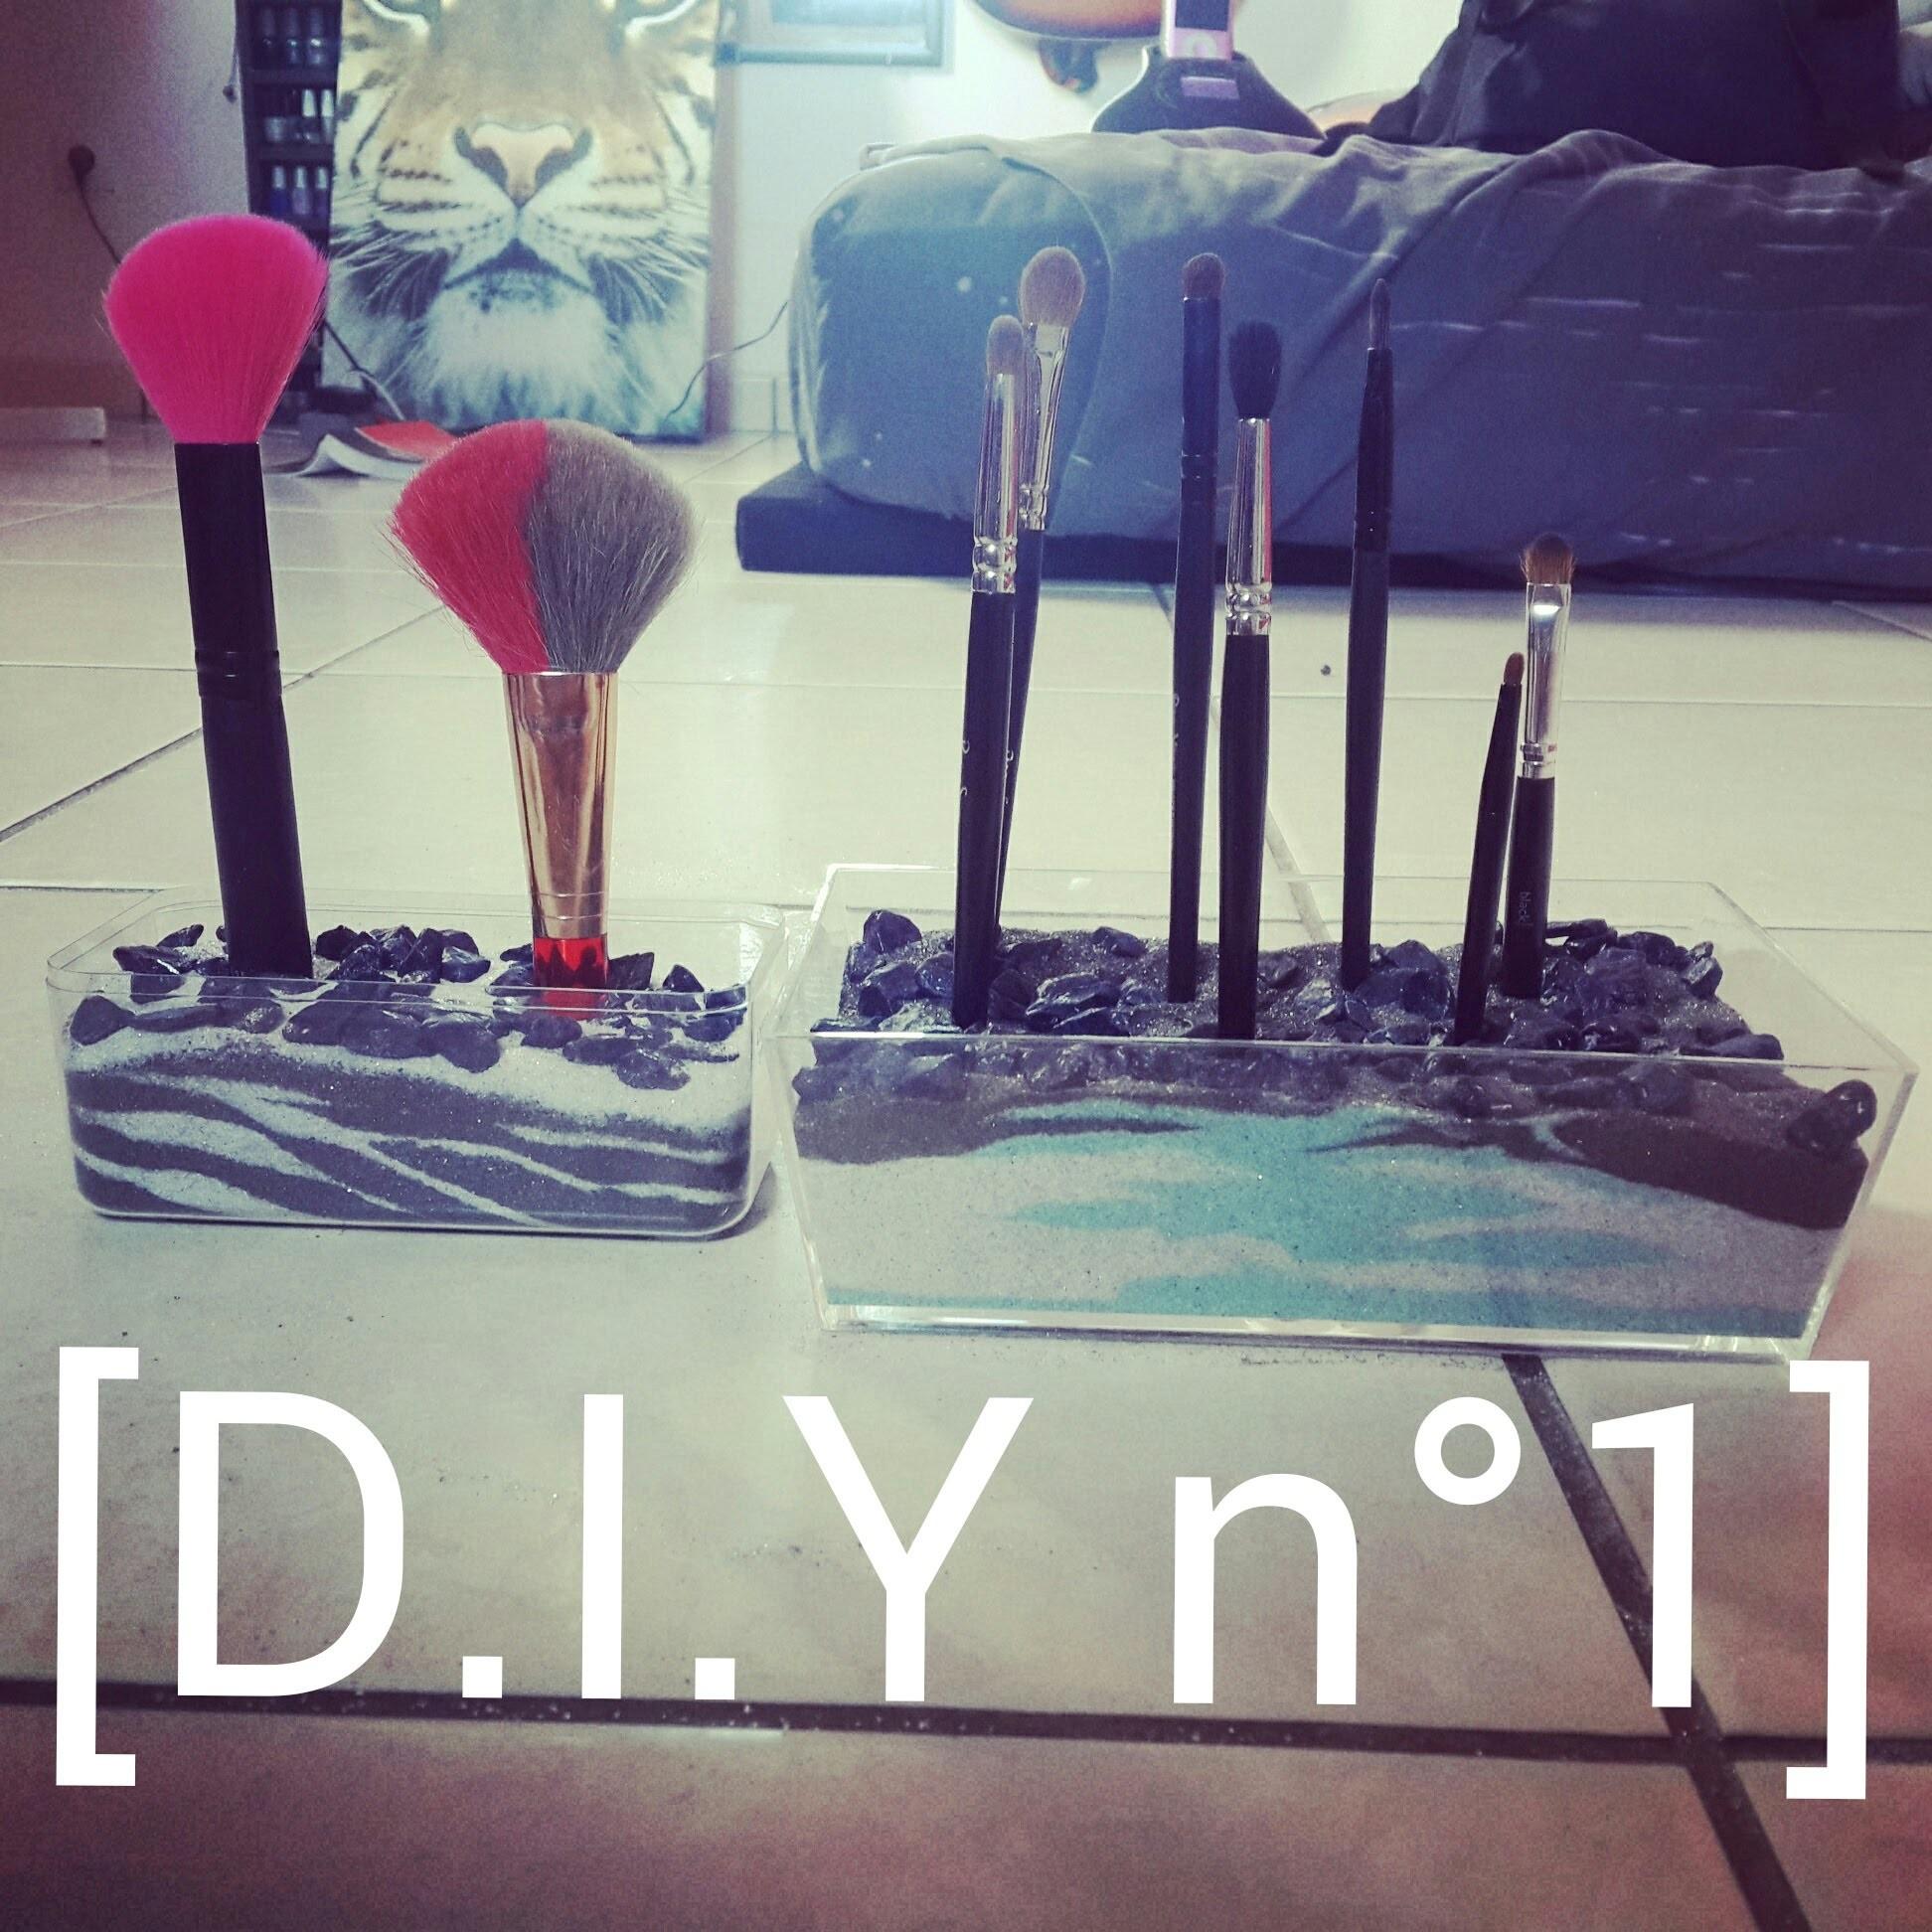 D.I.Y n°1: Rangement.Présentoir pour pinceaux make